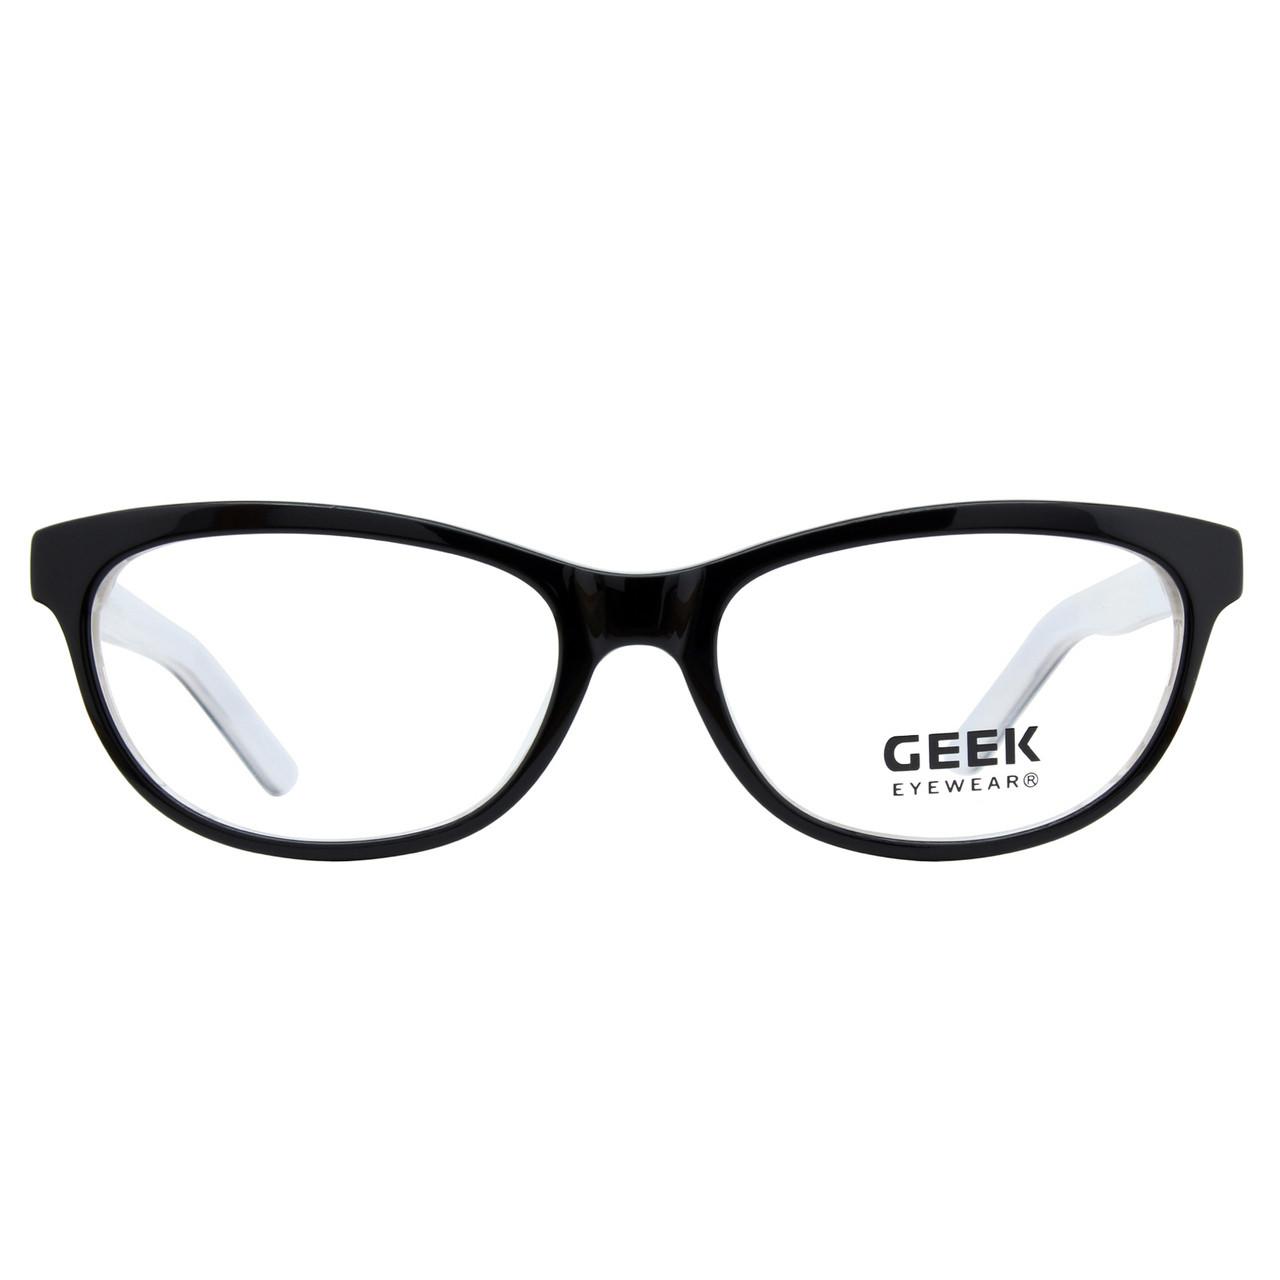 GEEK Eyewear GEEK MEOW